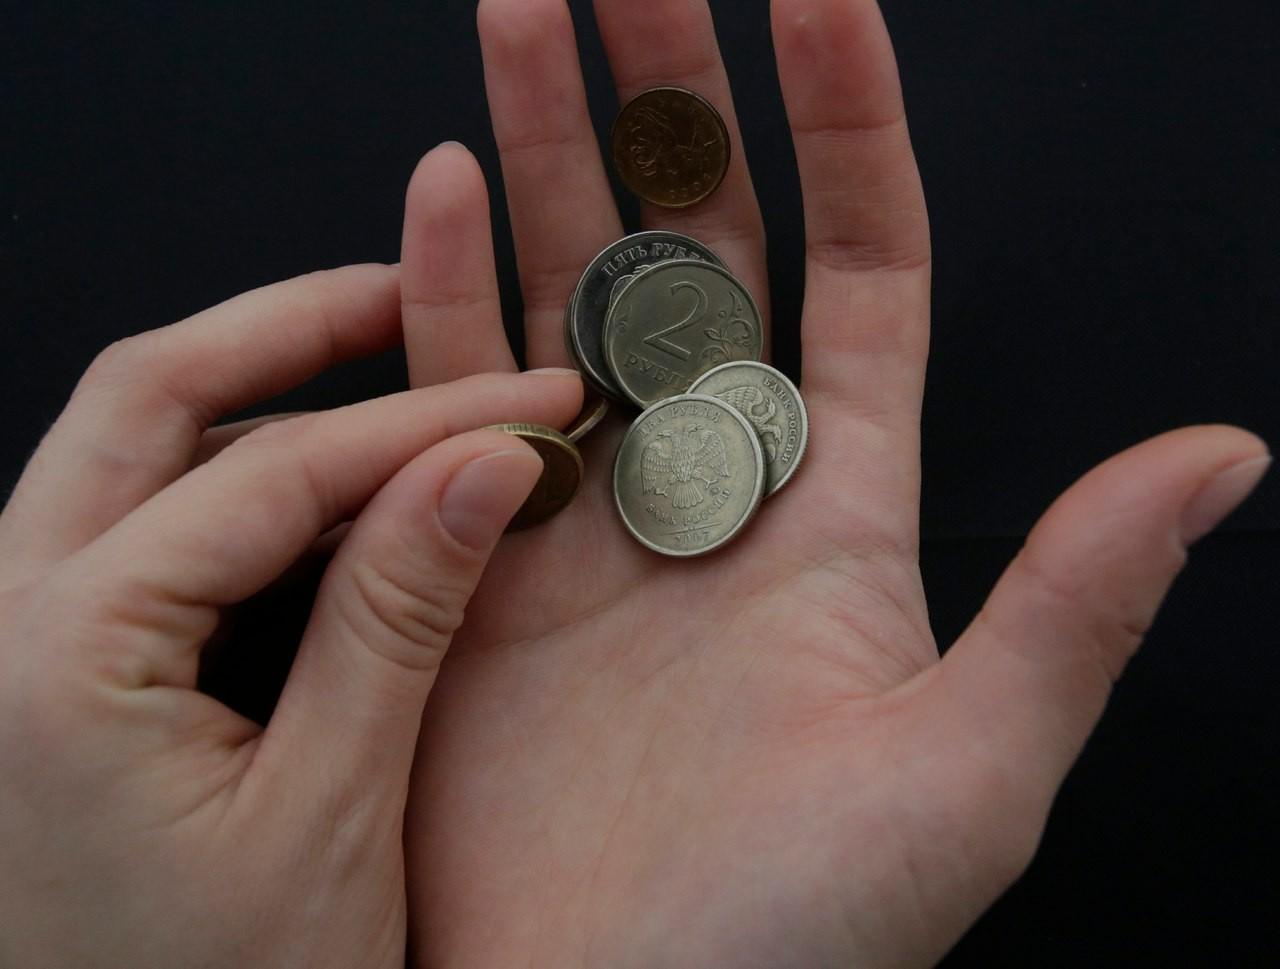 Итернет-опрос выявил какой заработок жители России считают порогом бедности